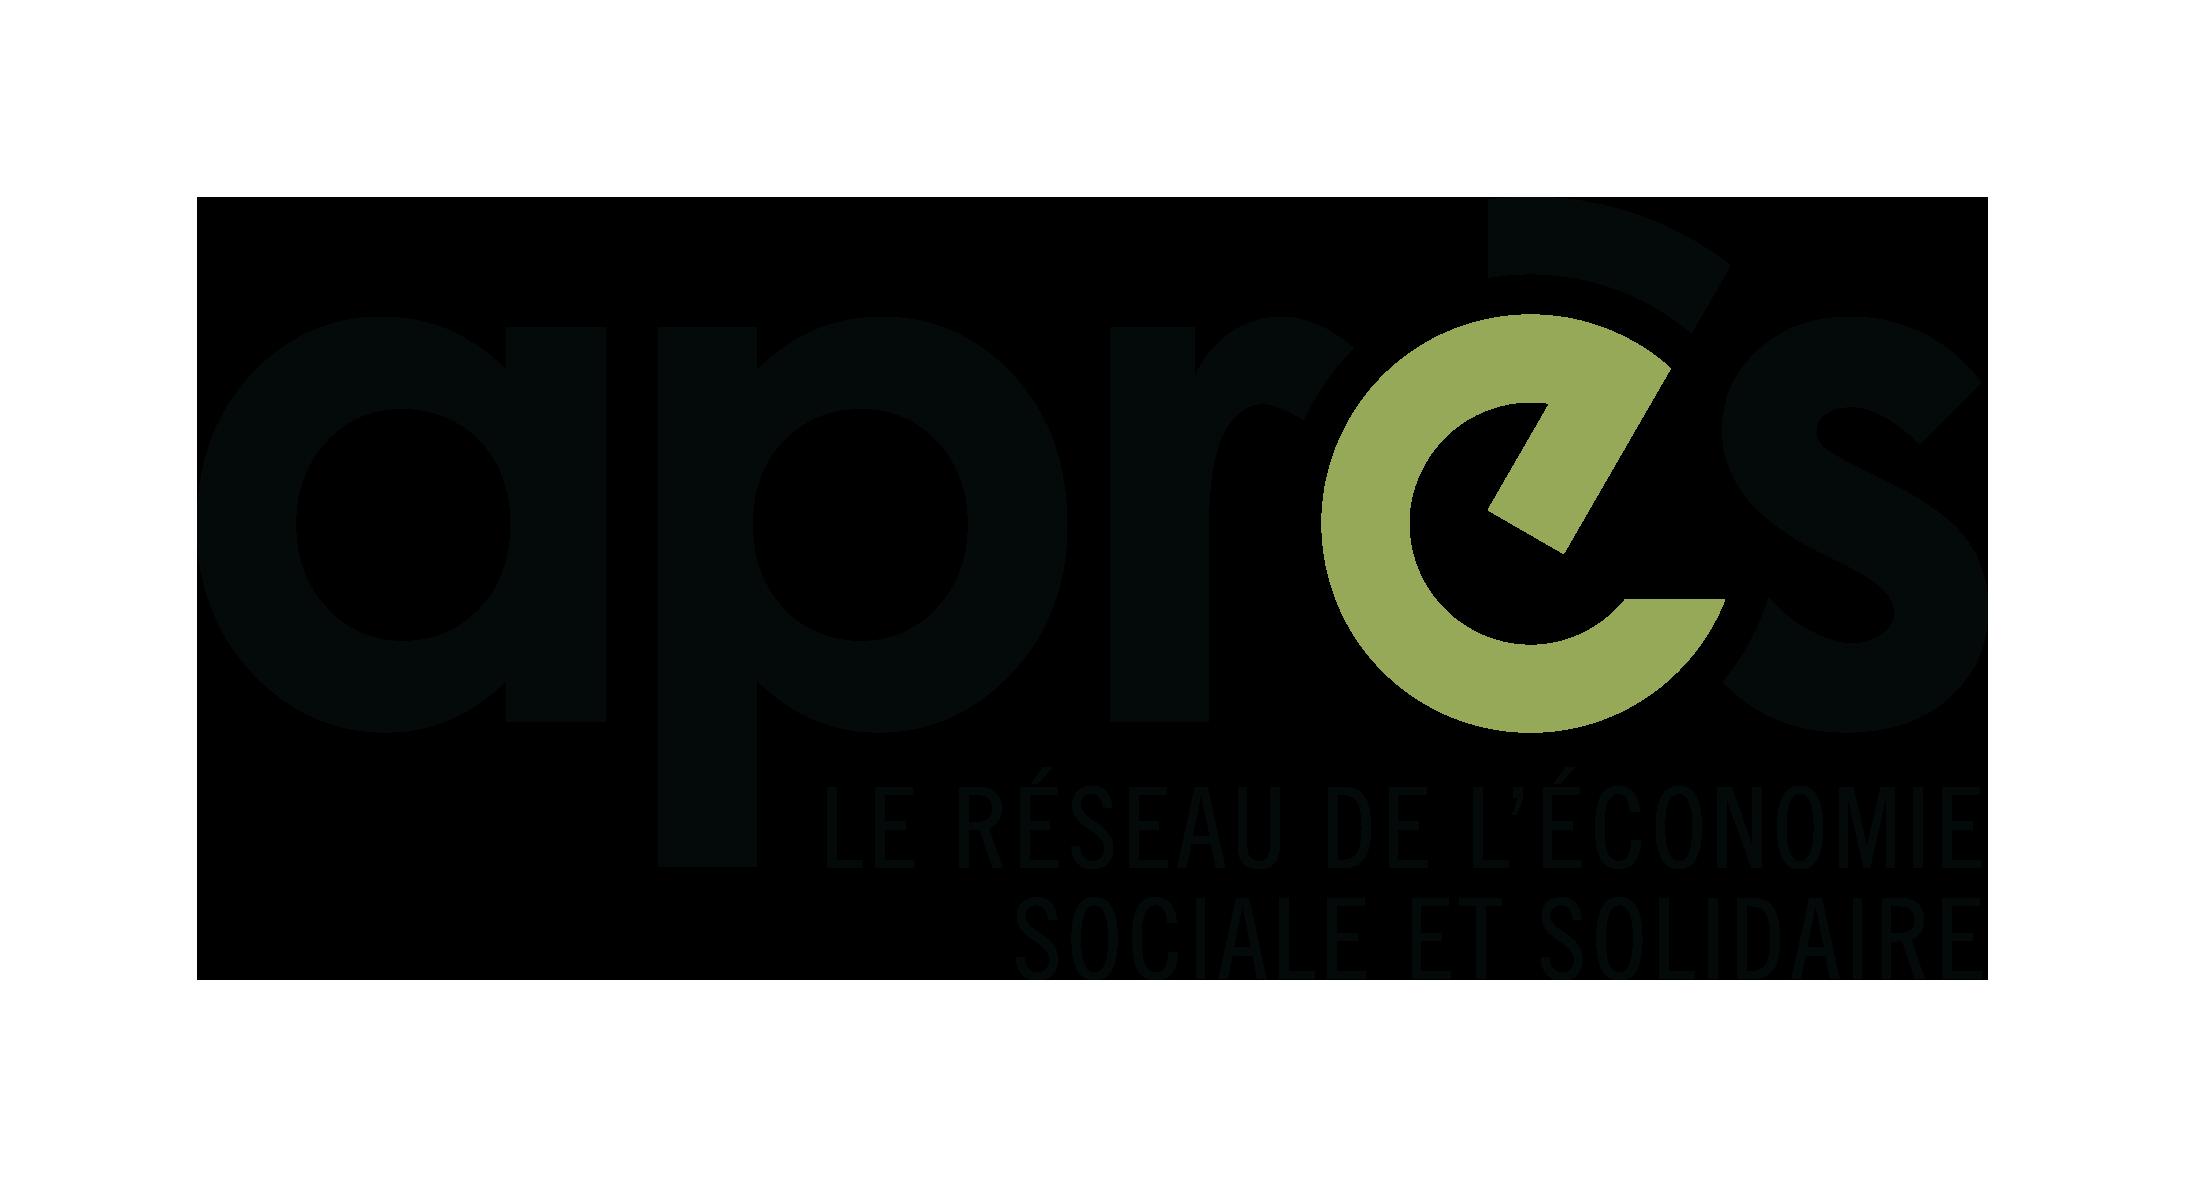 Après GE - nouveau logo 11.2020